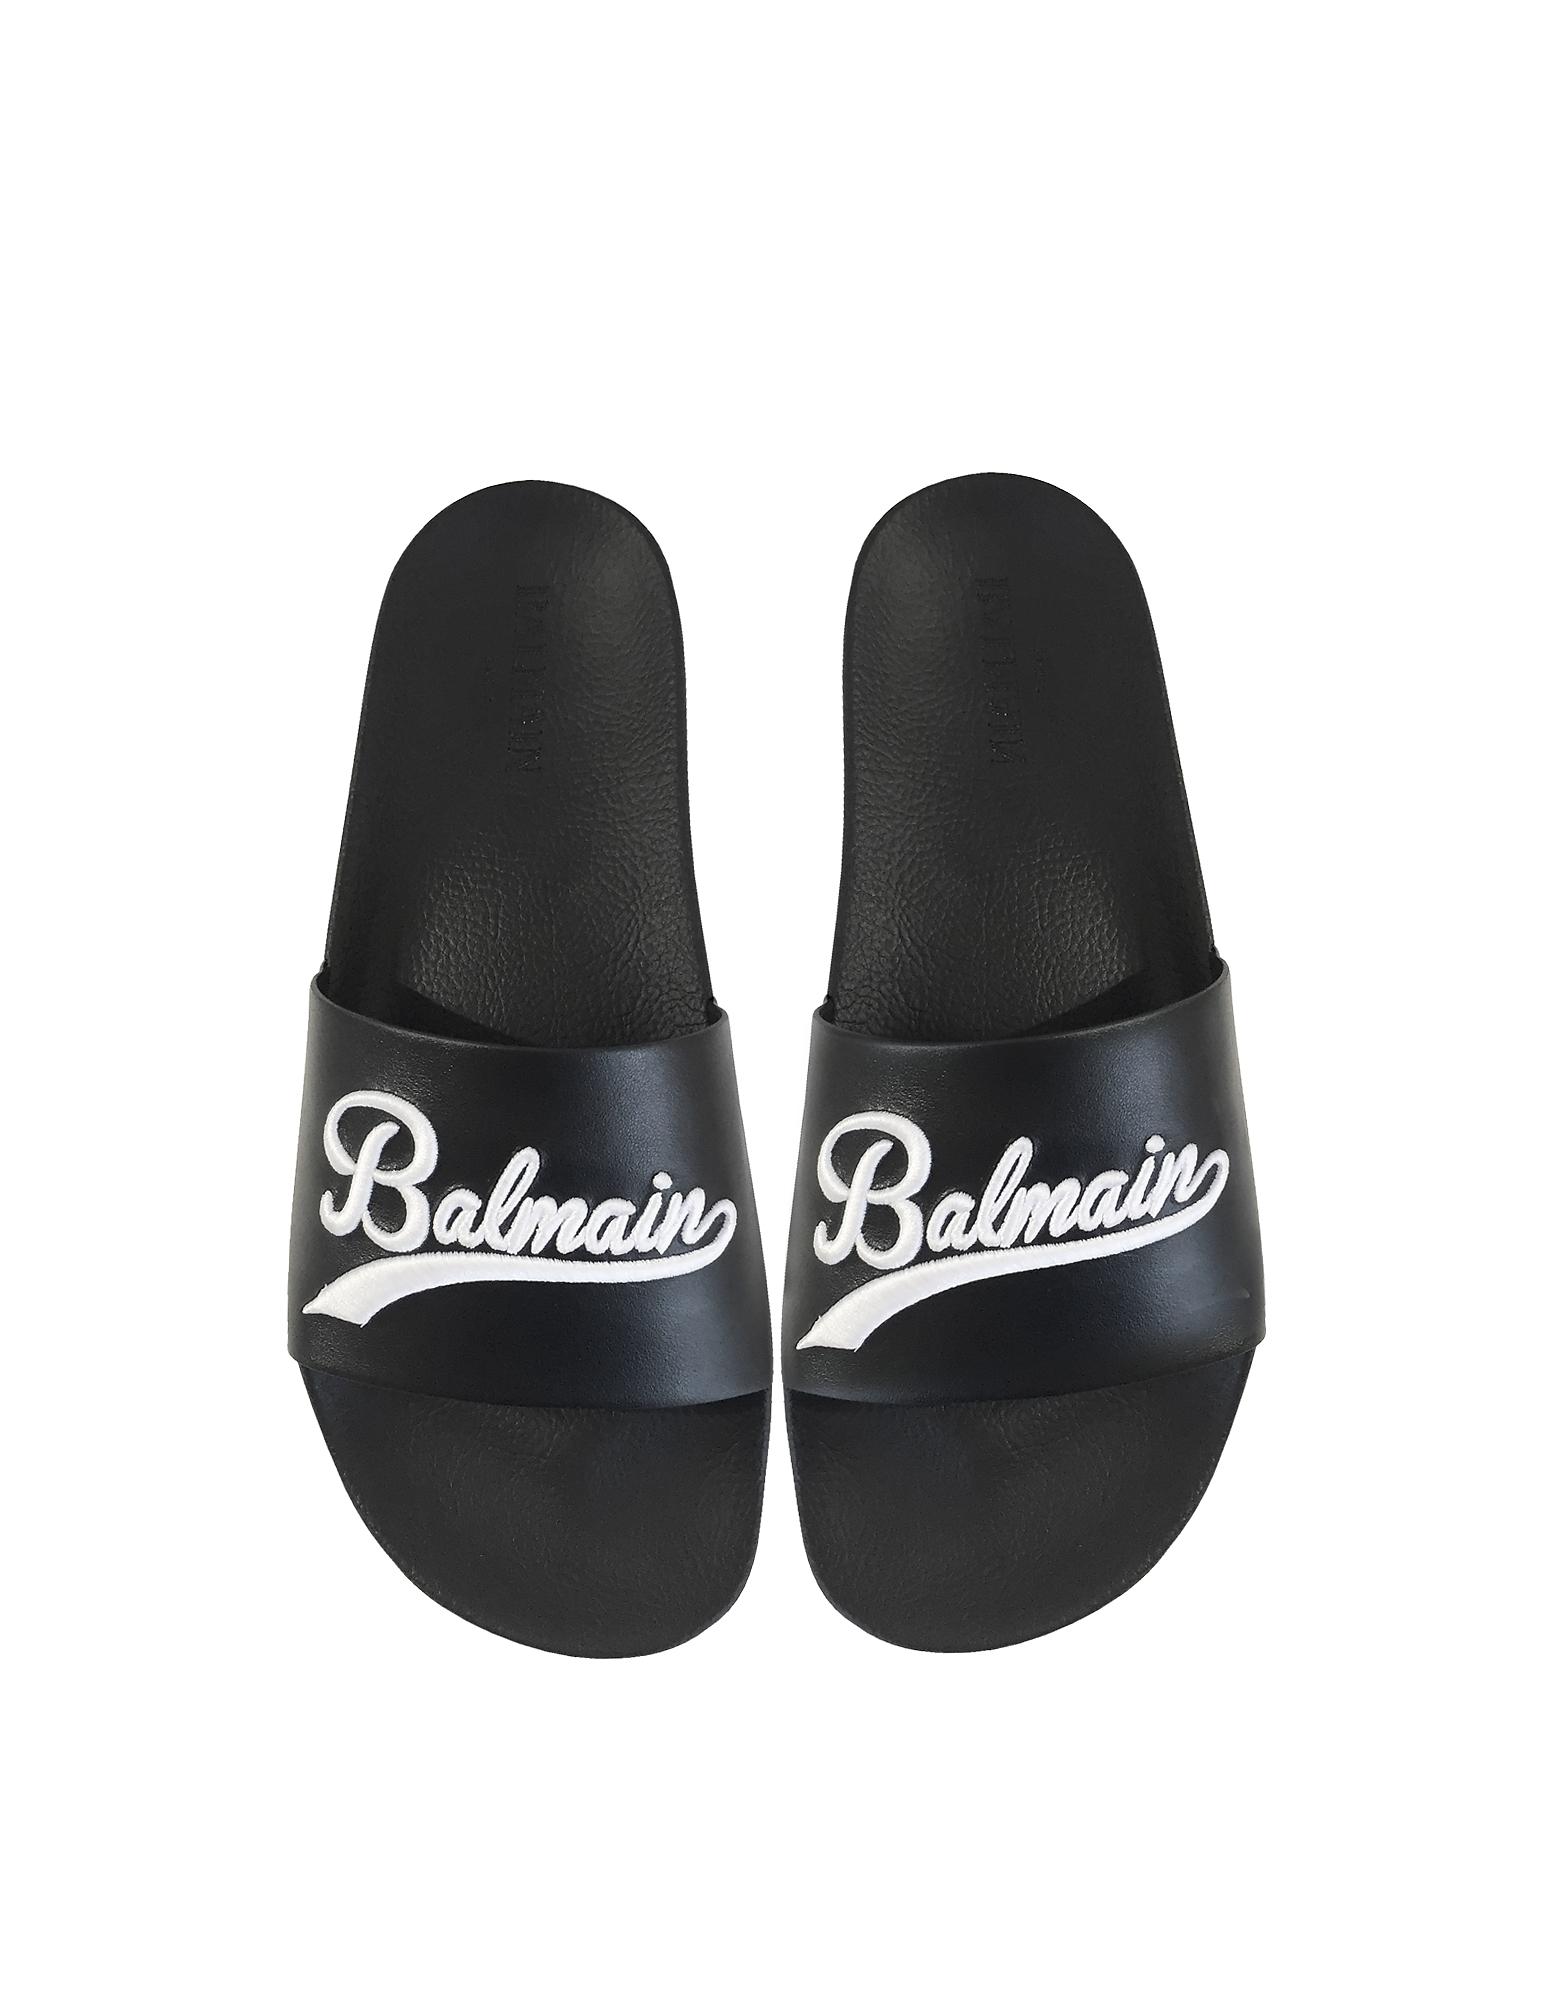 Balmain Shoes, Black Leather Calypso Men's Slide Sandals